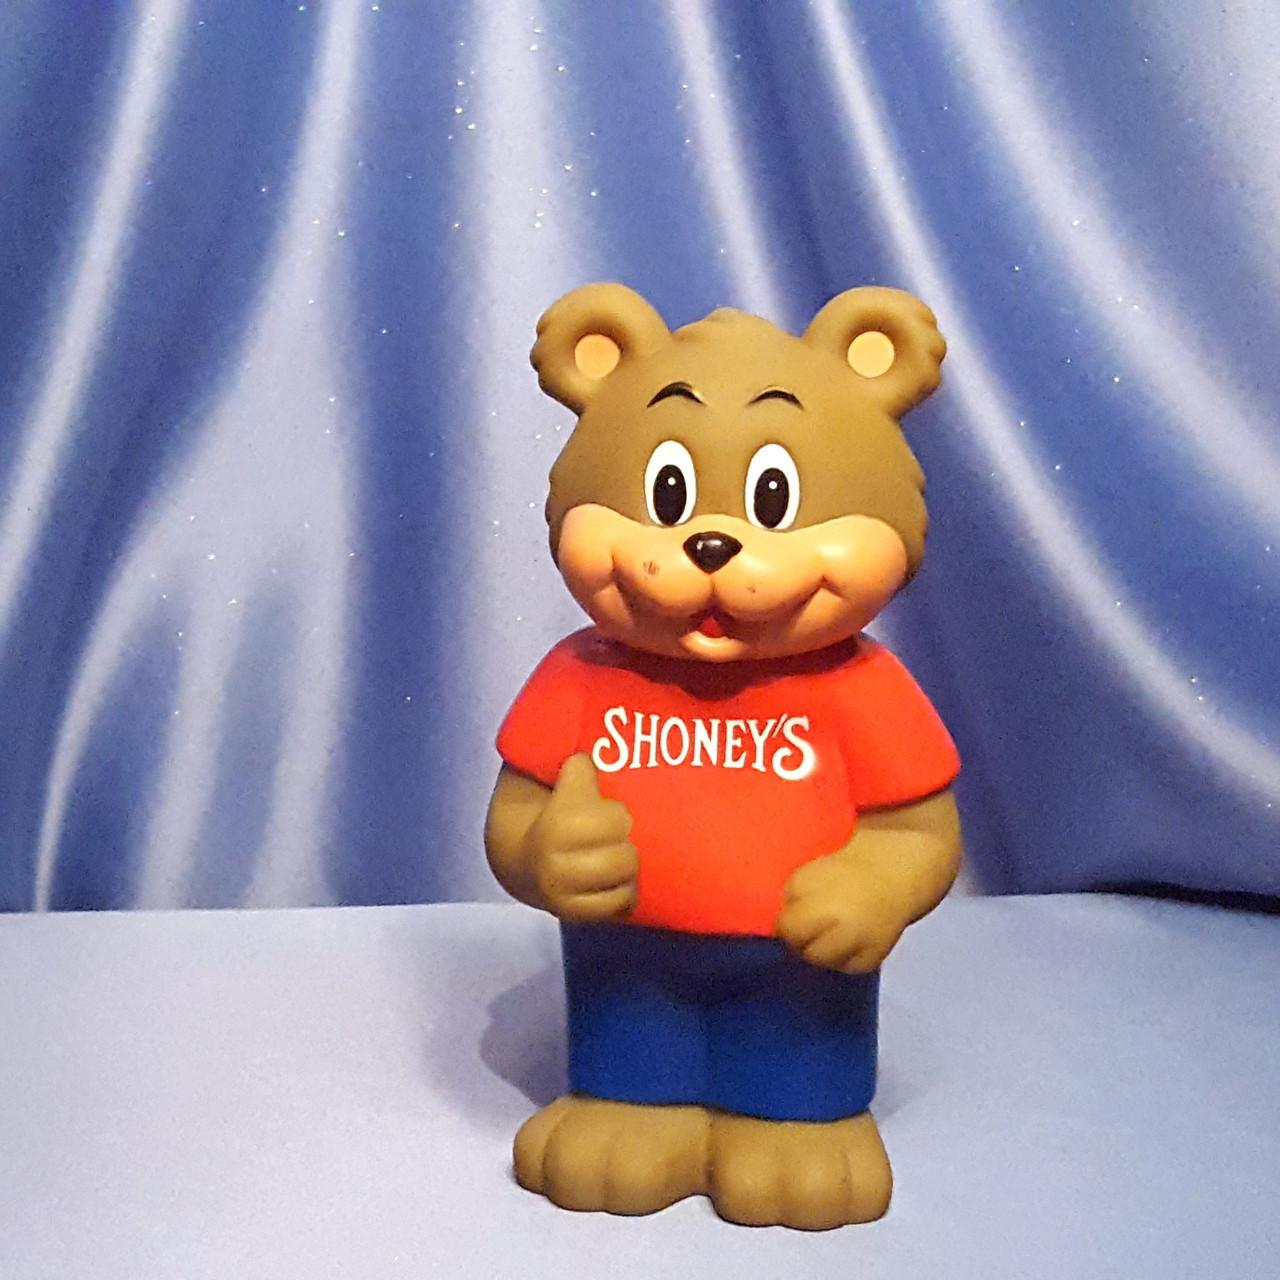 Shoney's Mascot Bear Advertisement Coin Bank - 1993.